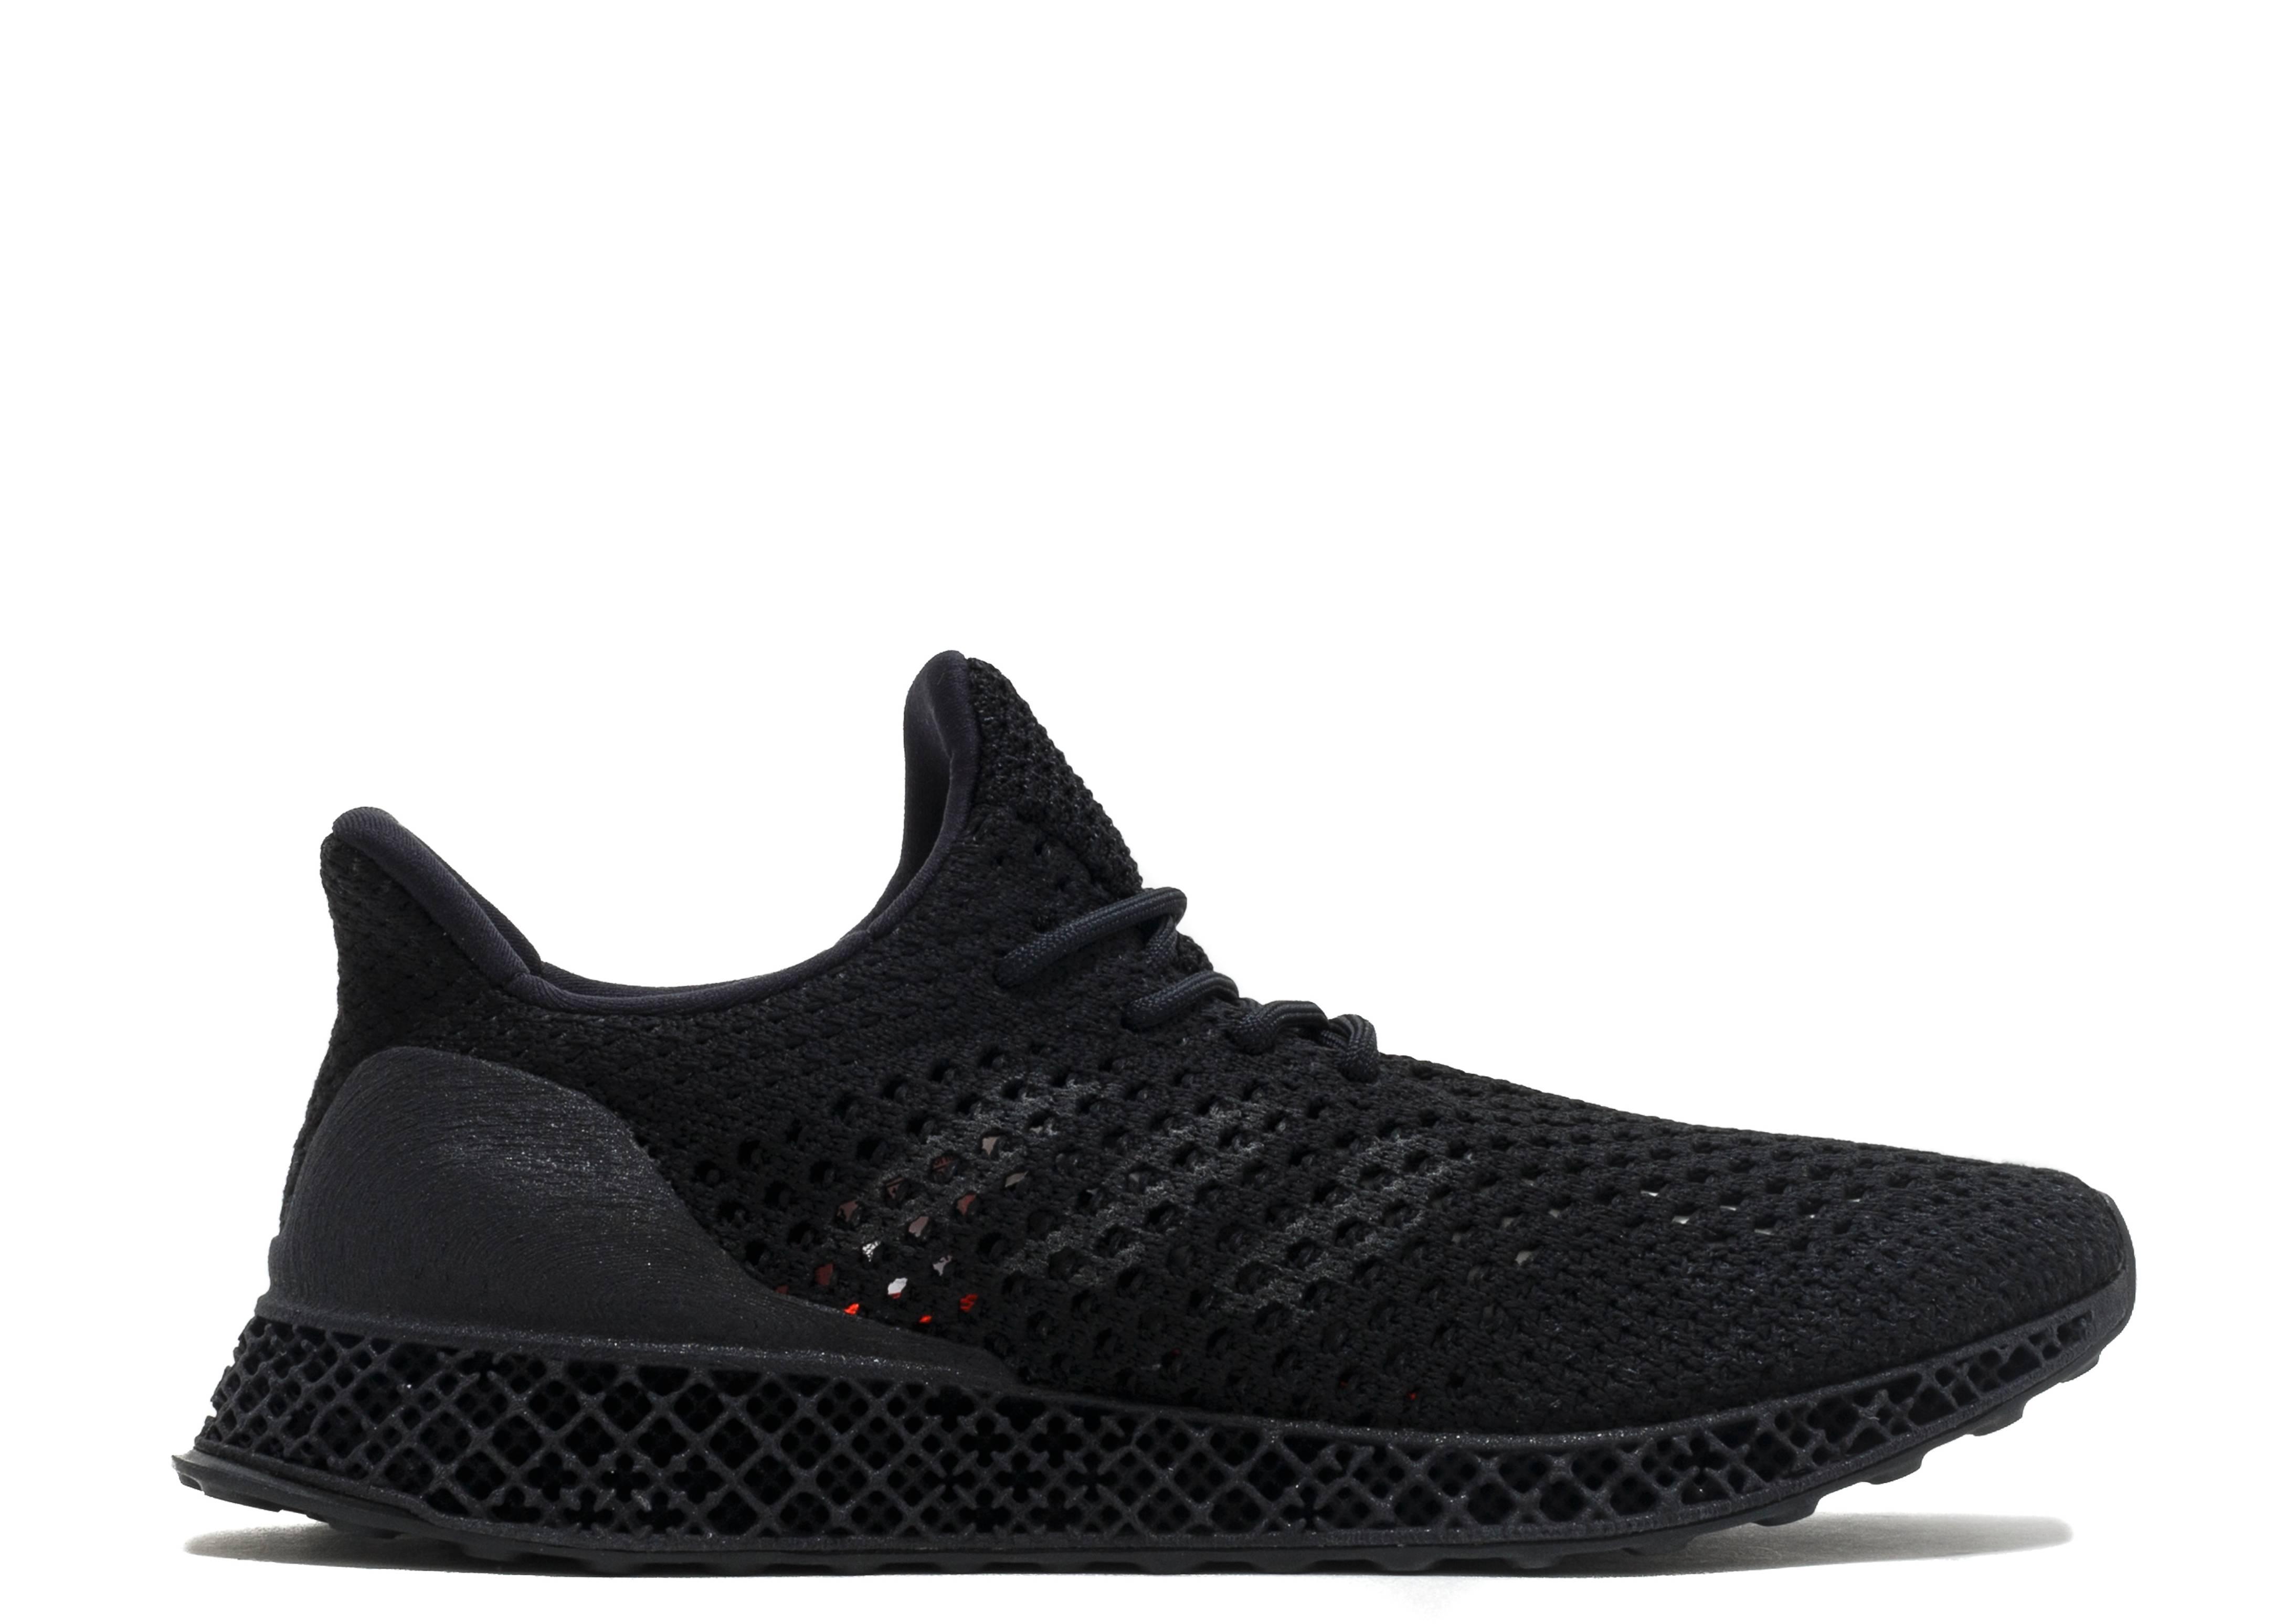 c68a4886c4be2 Adidas 3d Runner